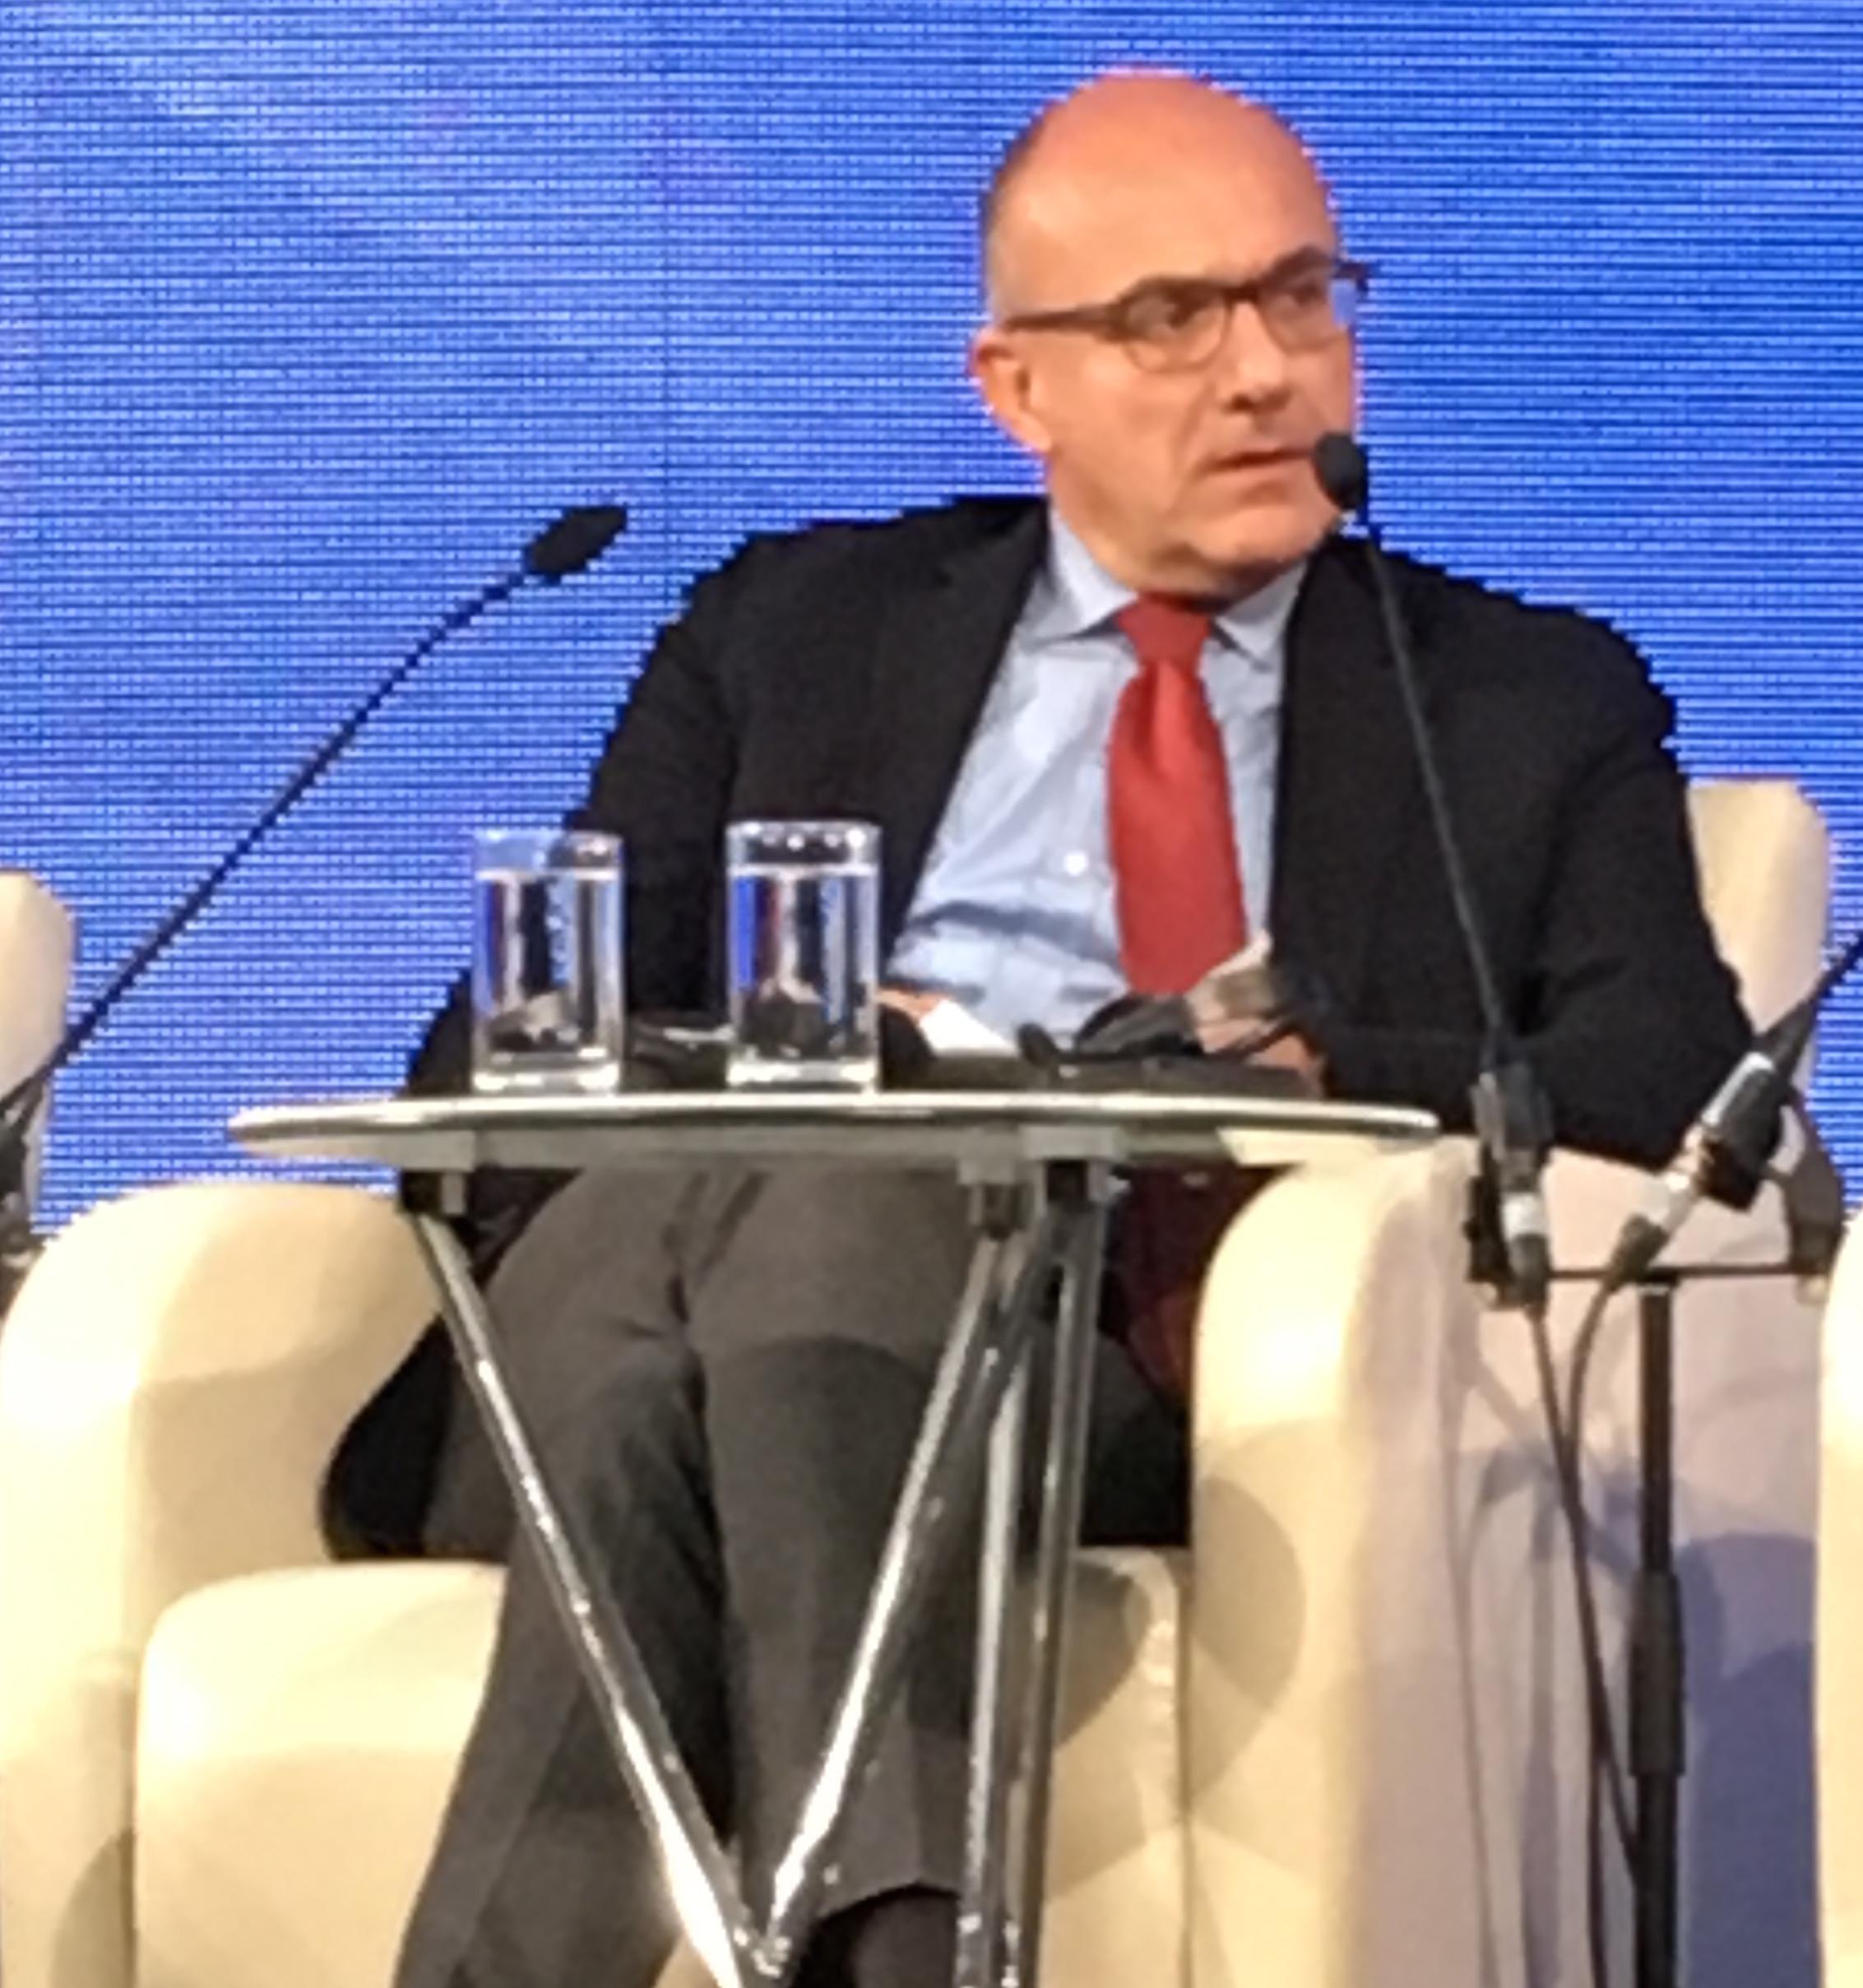 Gianluca Salvatori